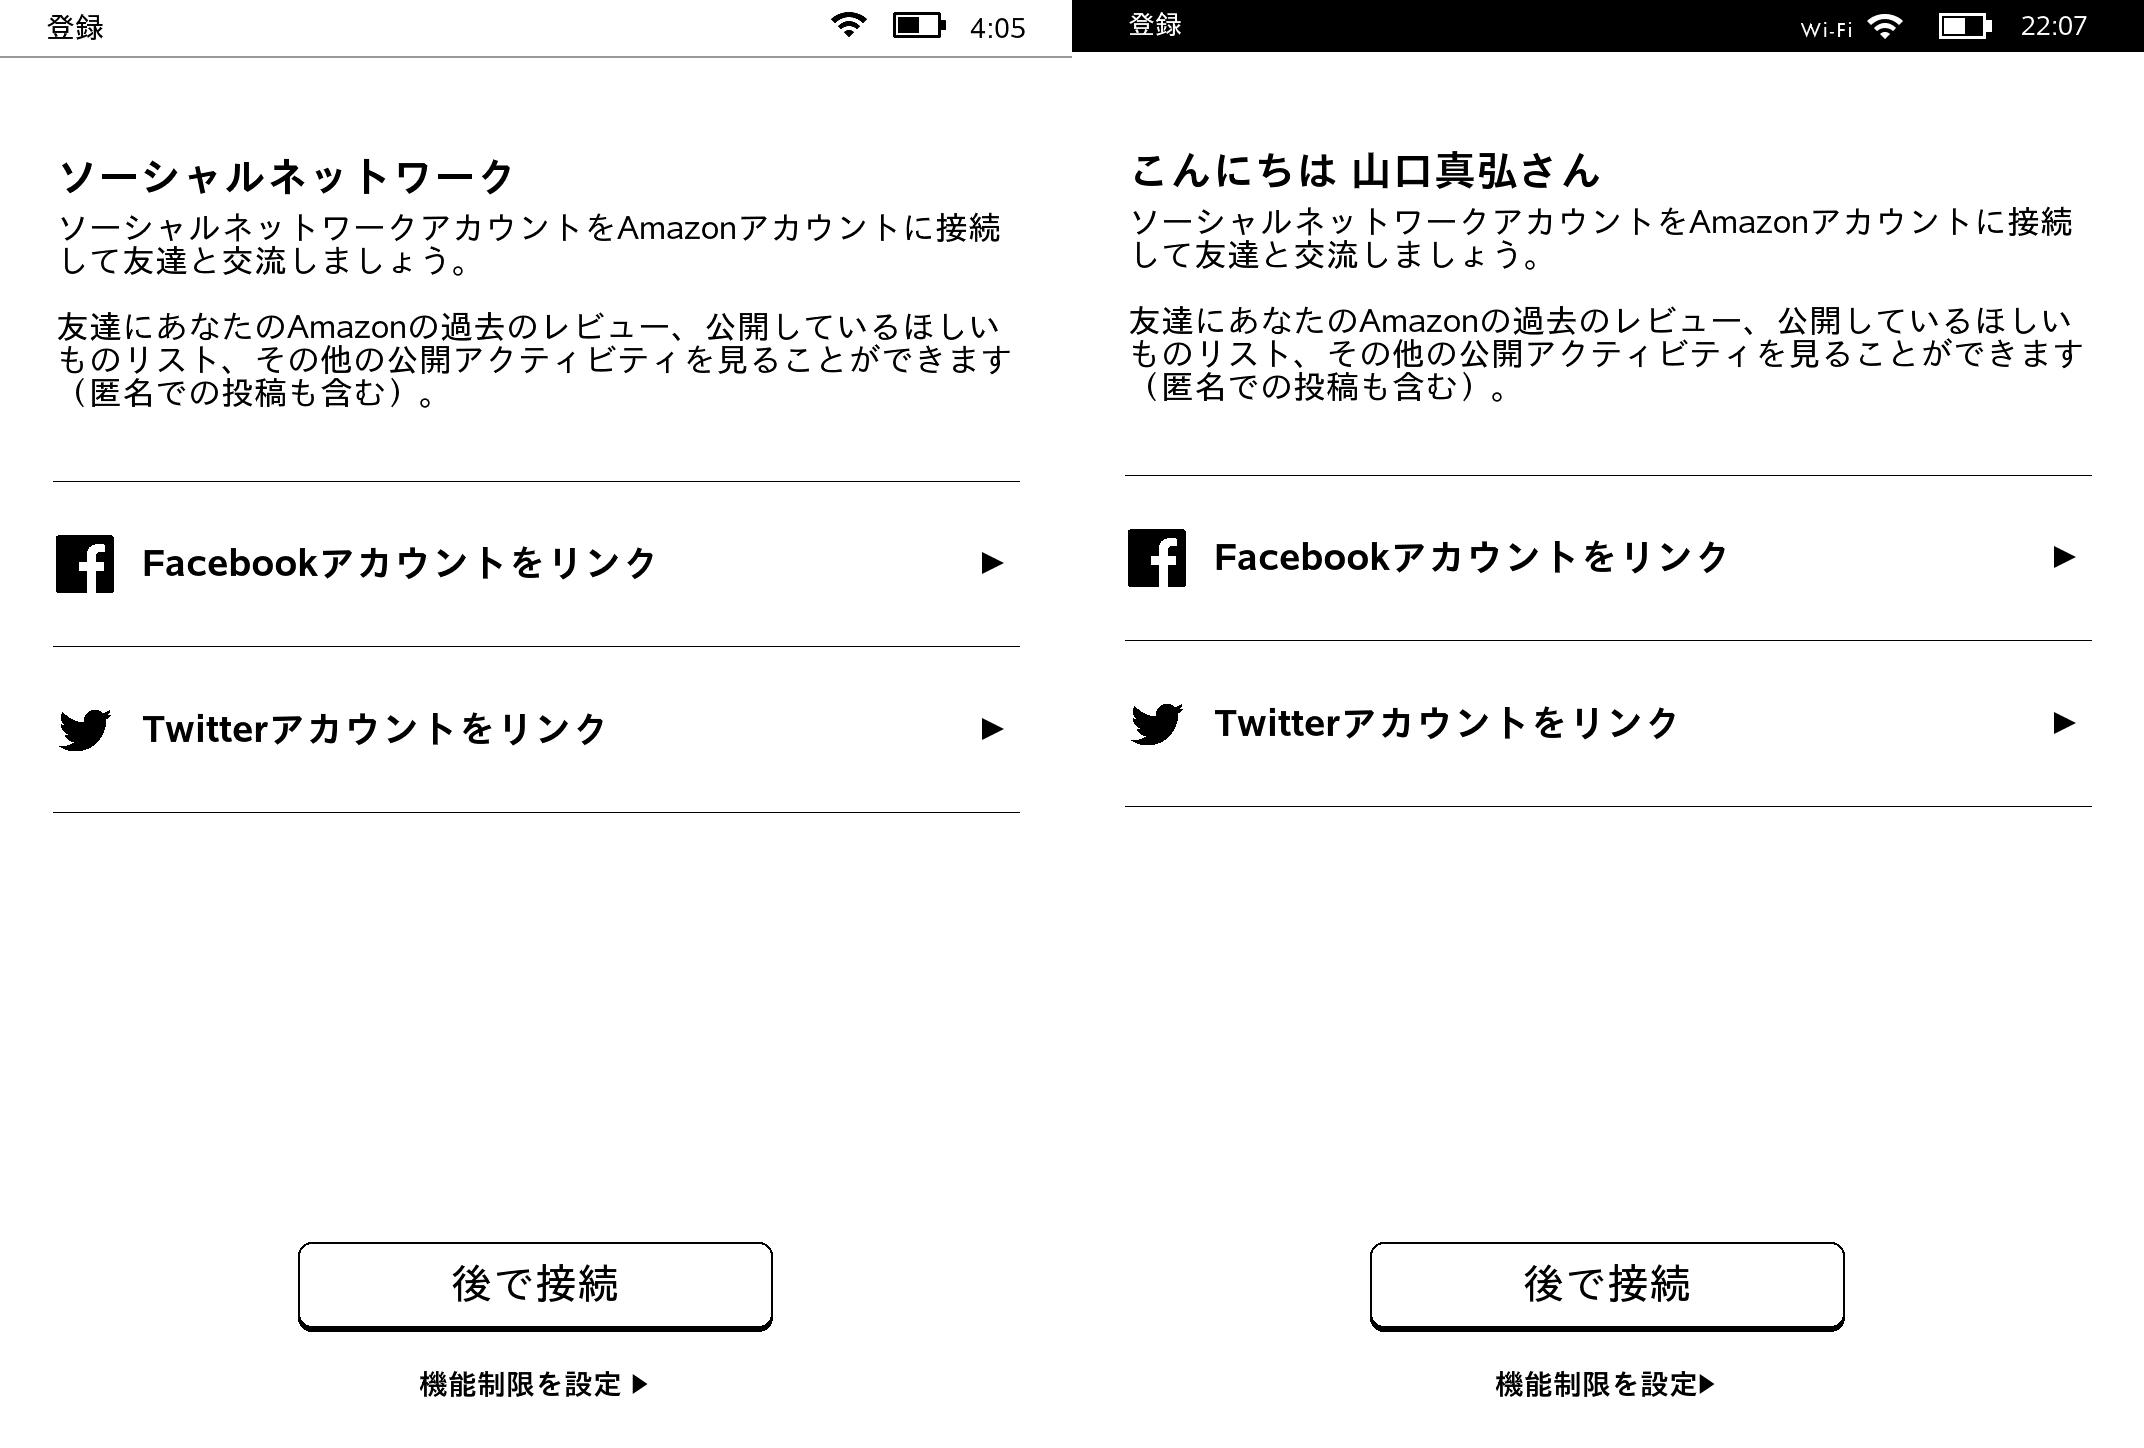 SNSへの接続画面。見出しに名前が表示されているか否かといった違いはあるが基本的に同一